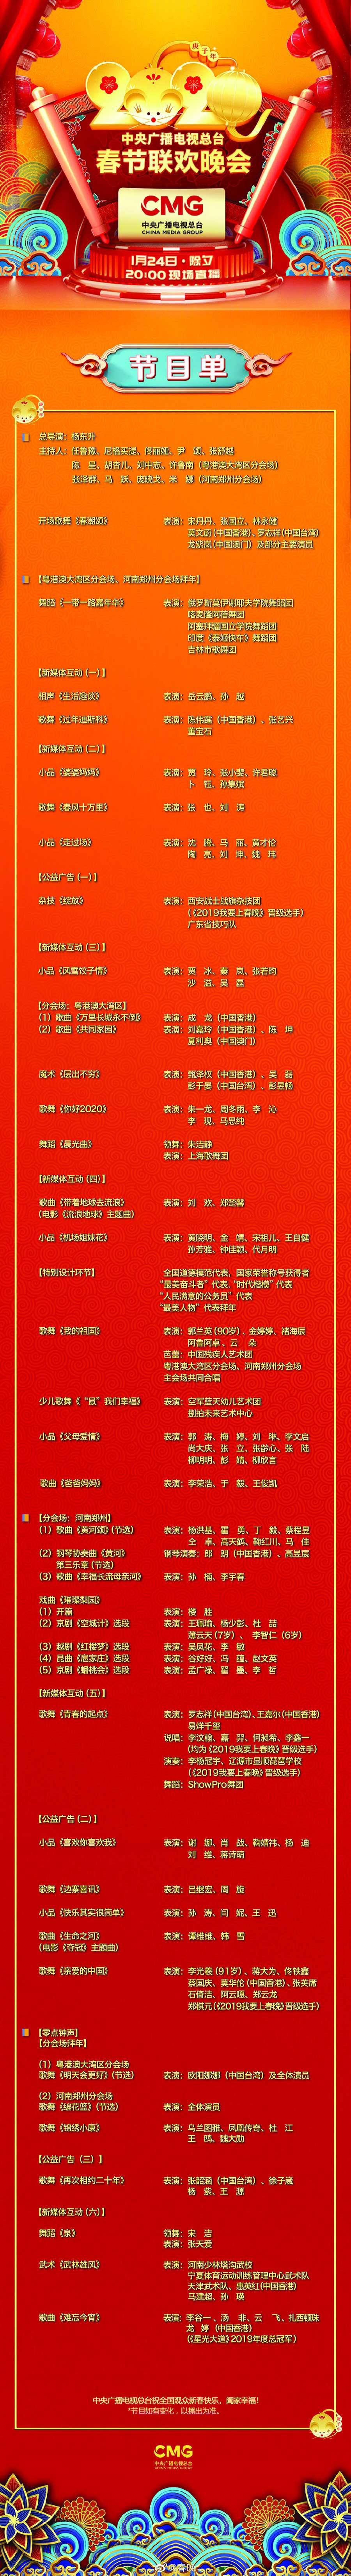 《2020年春节联欢晚会》节目单正式出炉图片